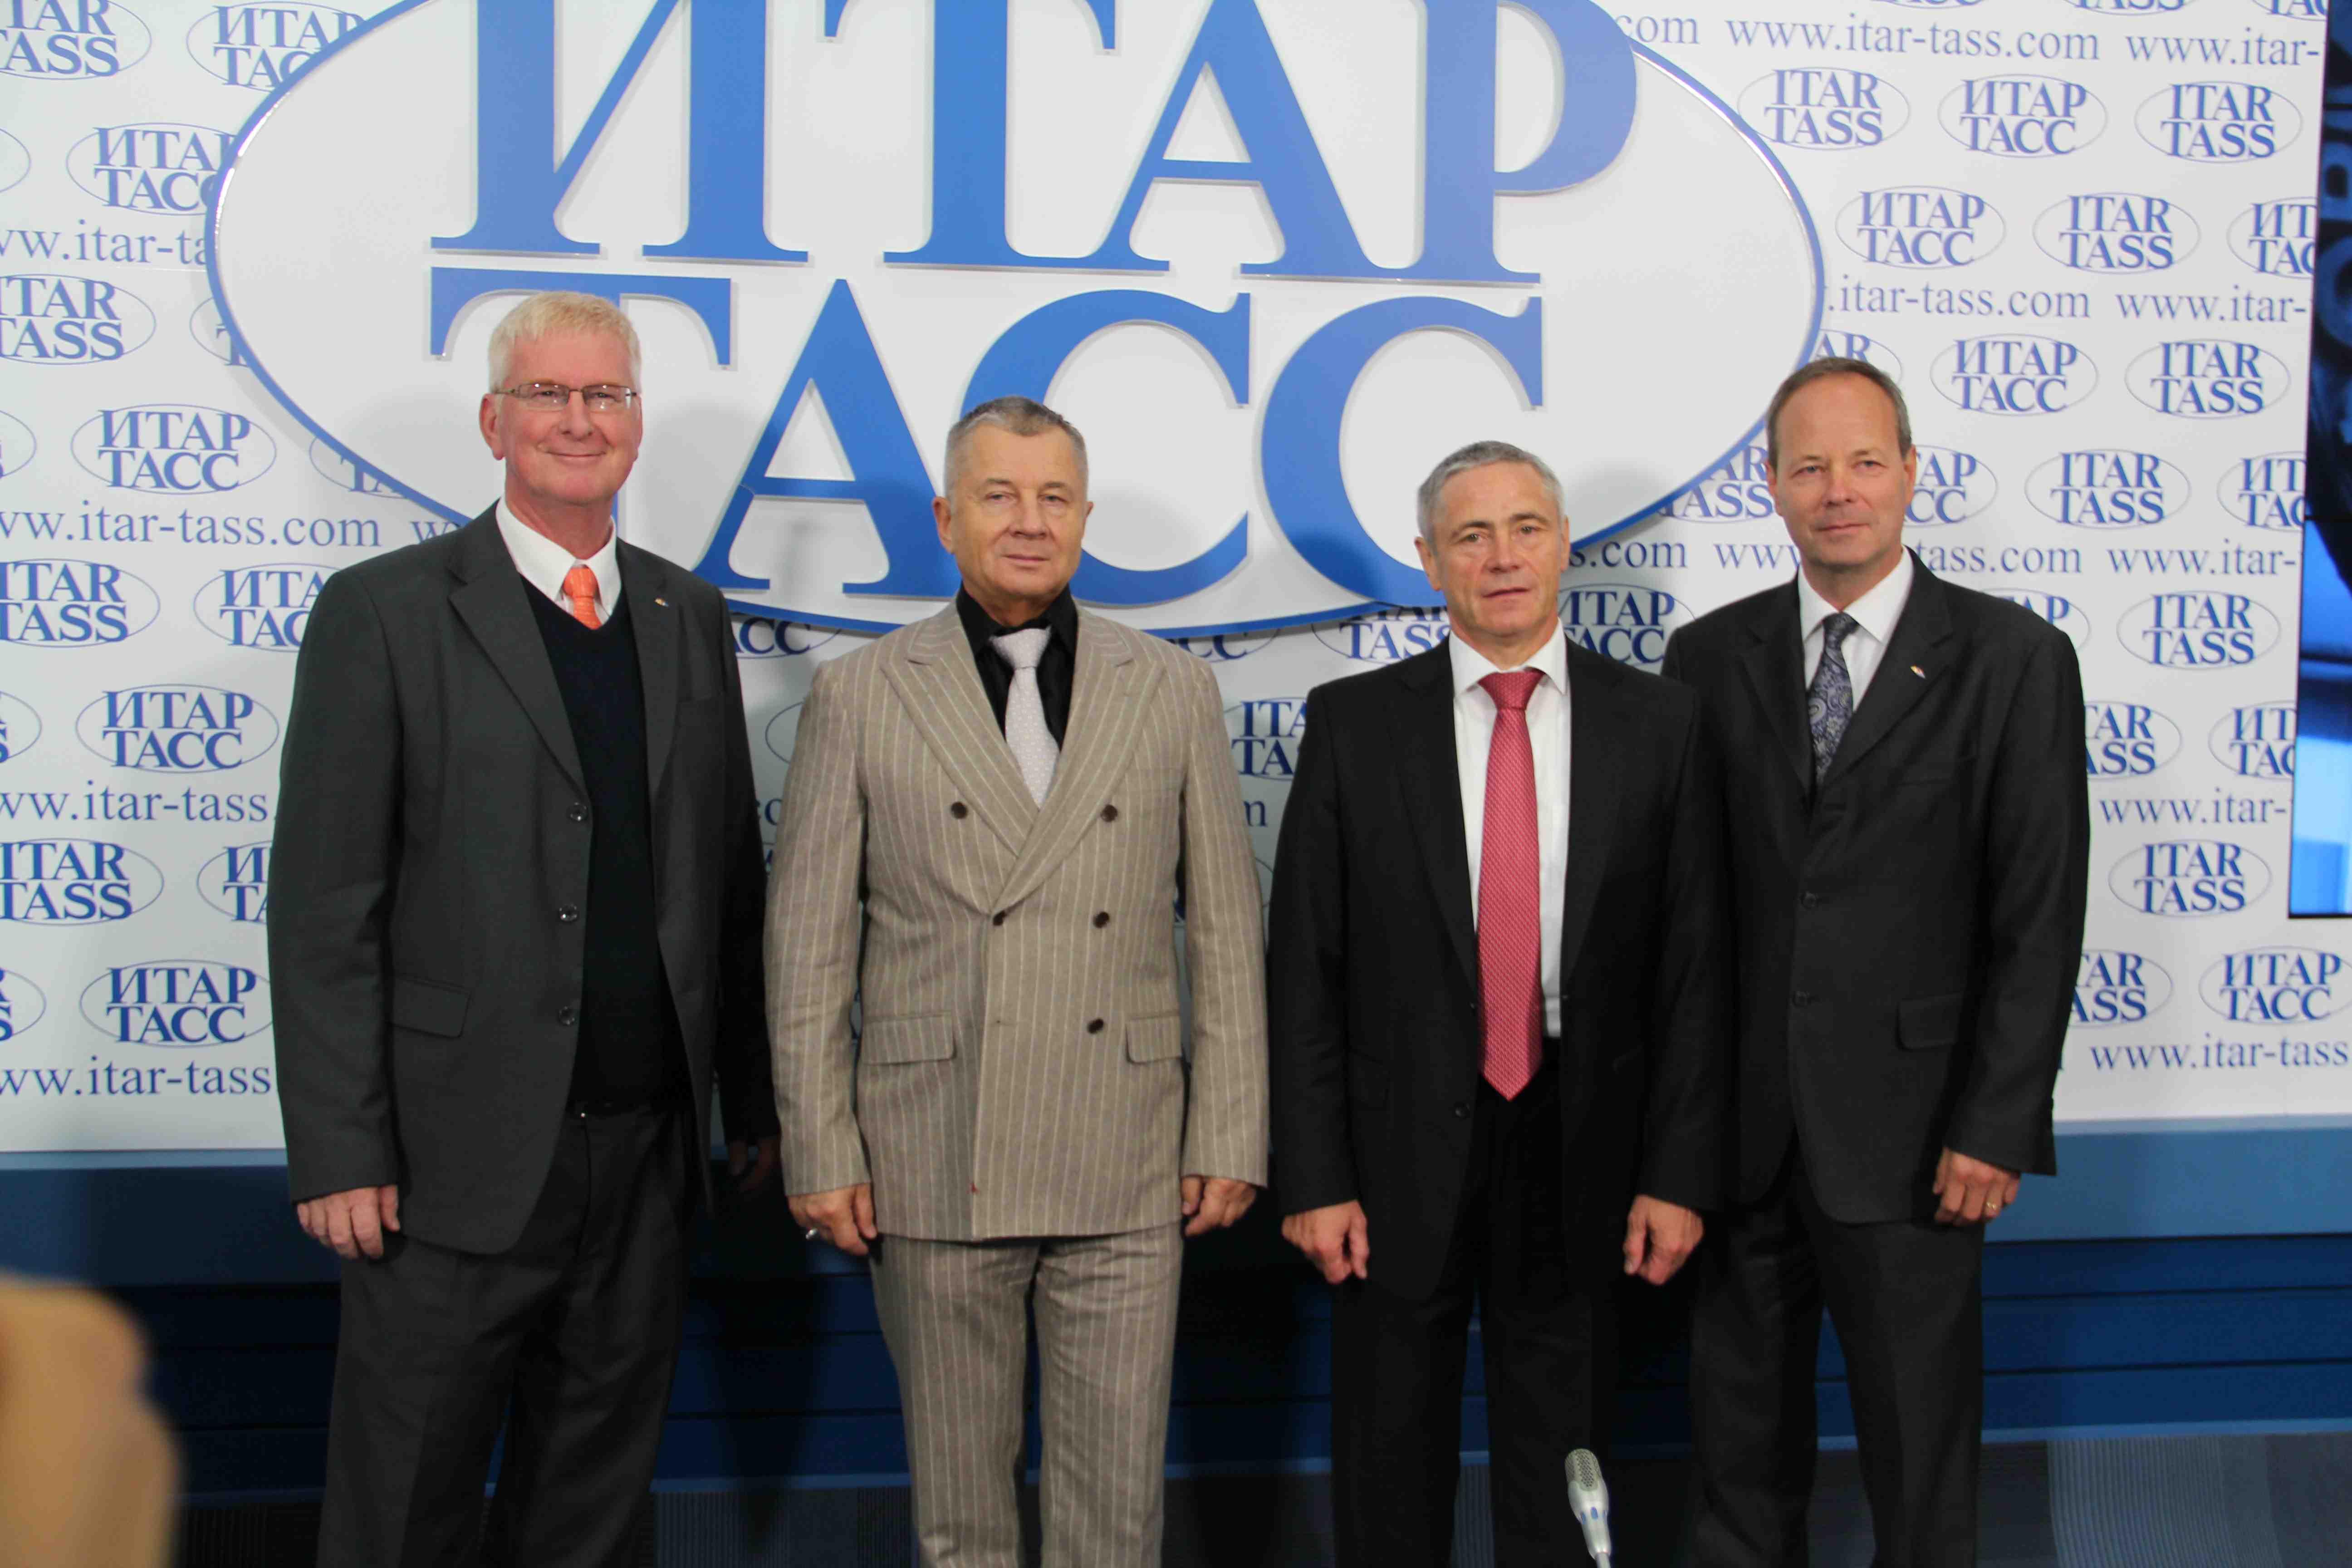 П.А. Рожков в пресс-центре ИТАР-ТАСС принял участие в пресс-конференции, посвященной проведению в г. Москве 5 чемпионата мира по пара-тхэквондо